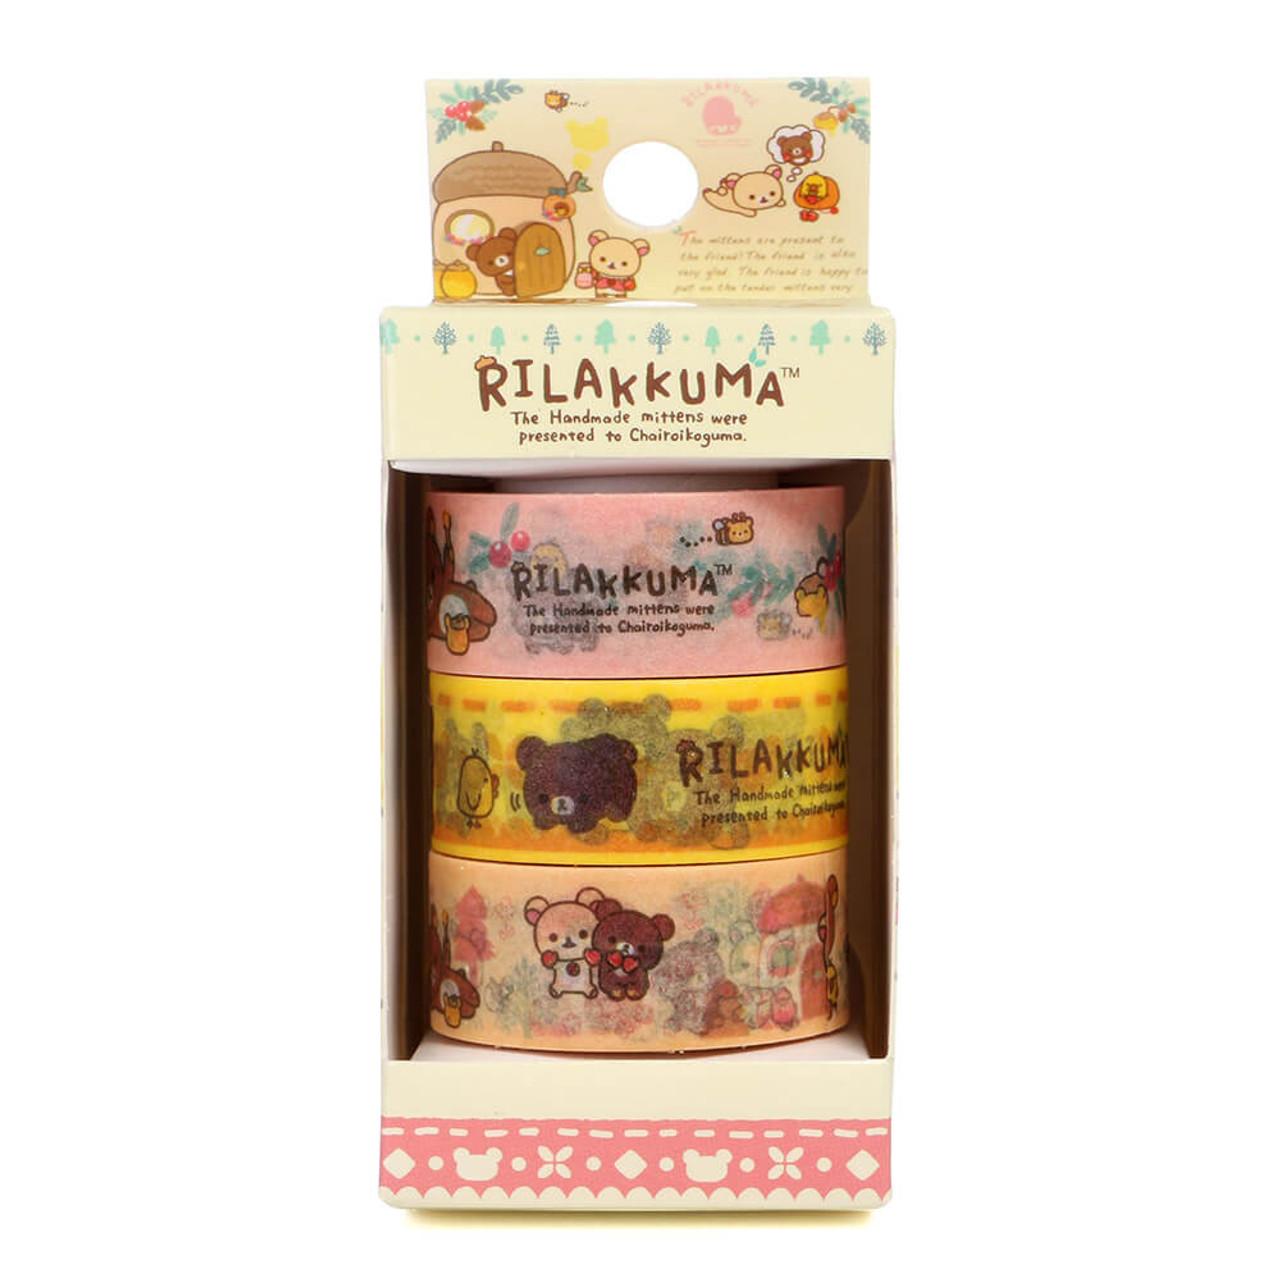 Rilakkuma Handmade Mittens Washi Tape - SE30802 ( Packing 01 )